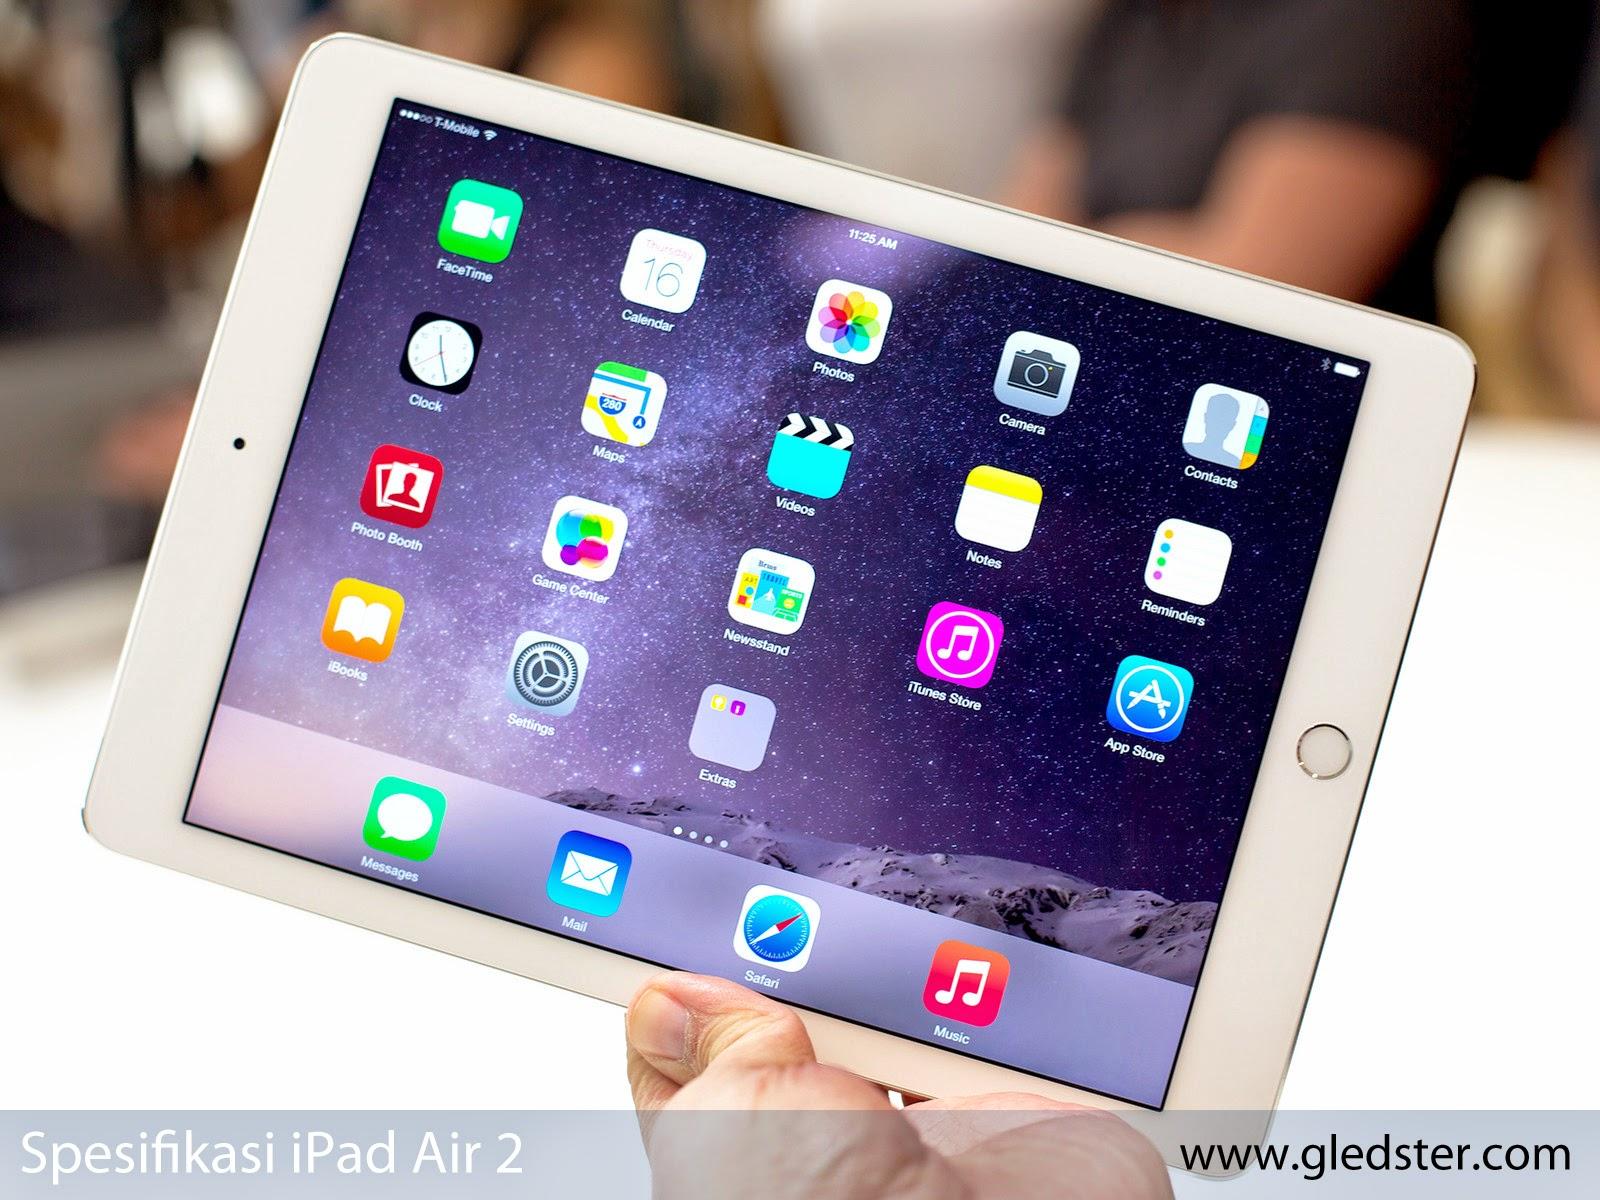 Spesifikasi iPad Air 2